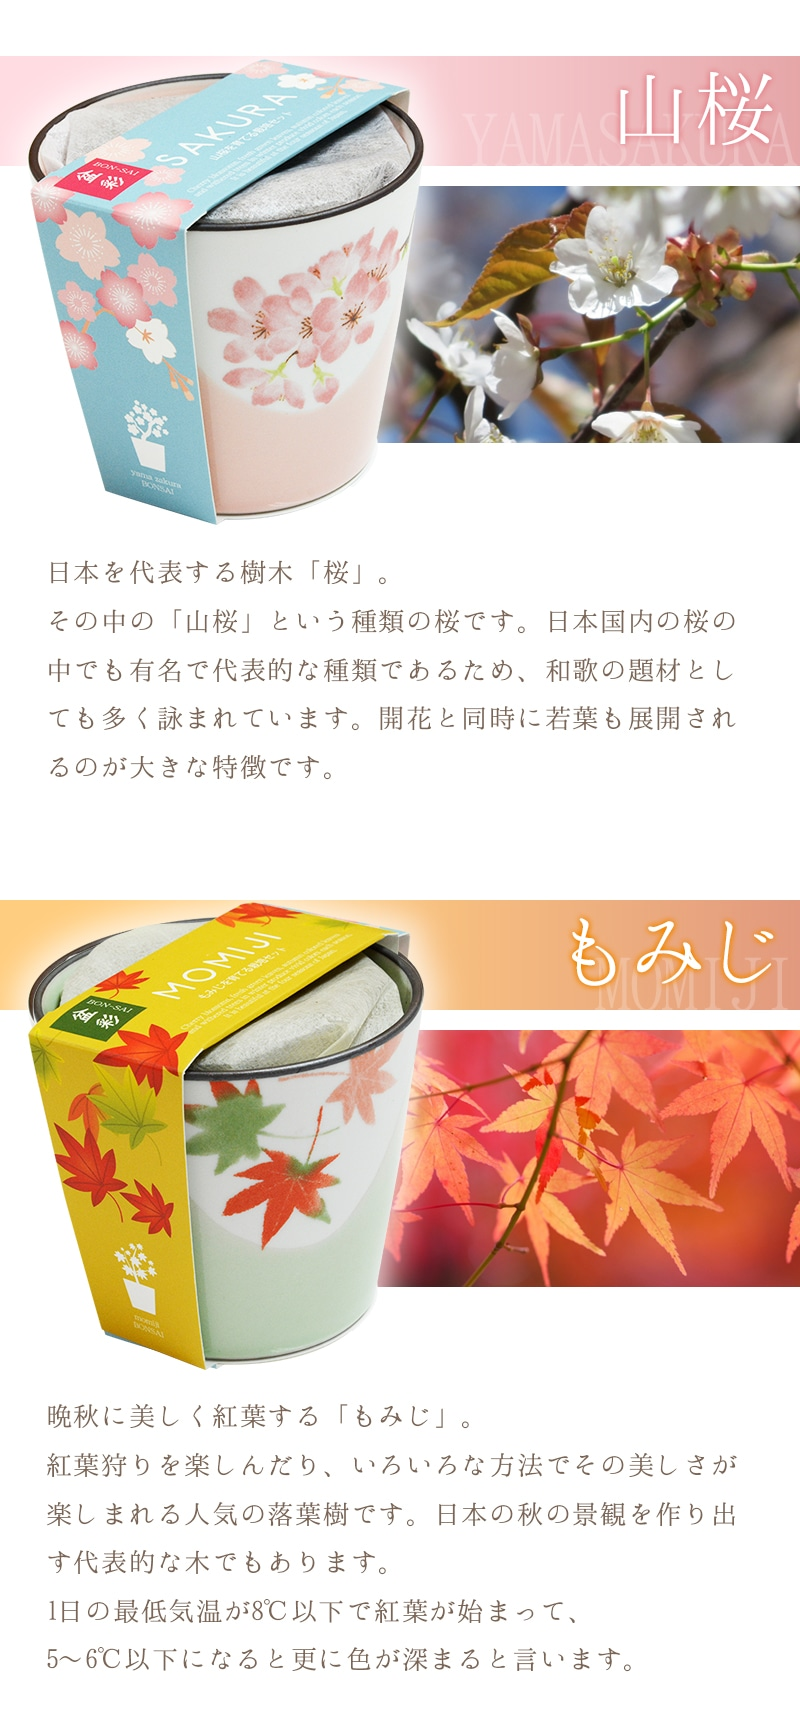 「山桜」開花と同時に若葉も展開されるのが大きな特徴です。「もみじ」紅葉狩りを楽しんだり、いろいろな方法でその美しさが楽しまれる人気の落葉樹です。